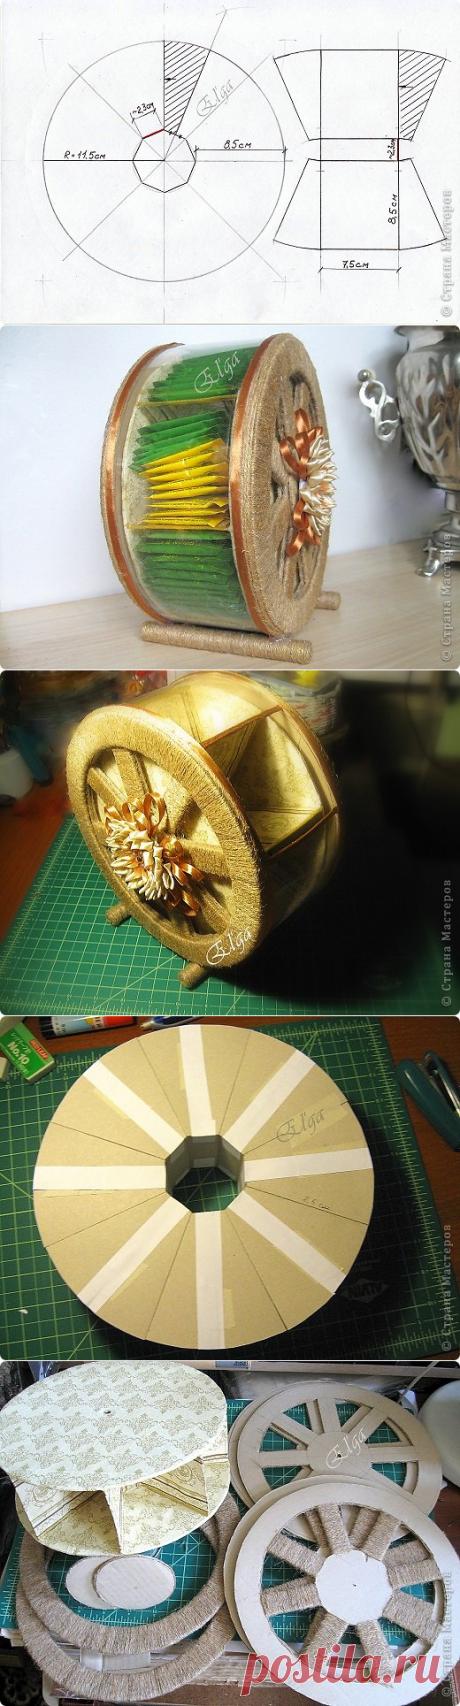 Колесо для чайных пакетиков — Сделай сам, идеи для творчества - DIY Ideas